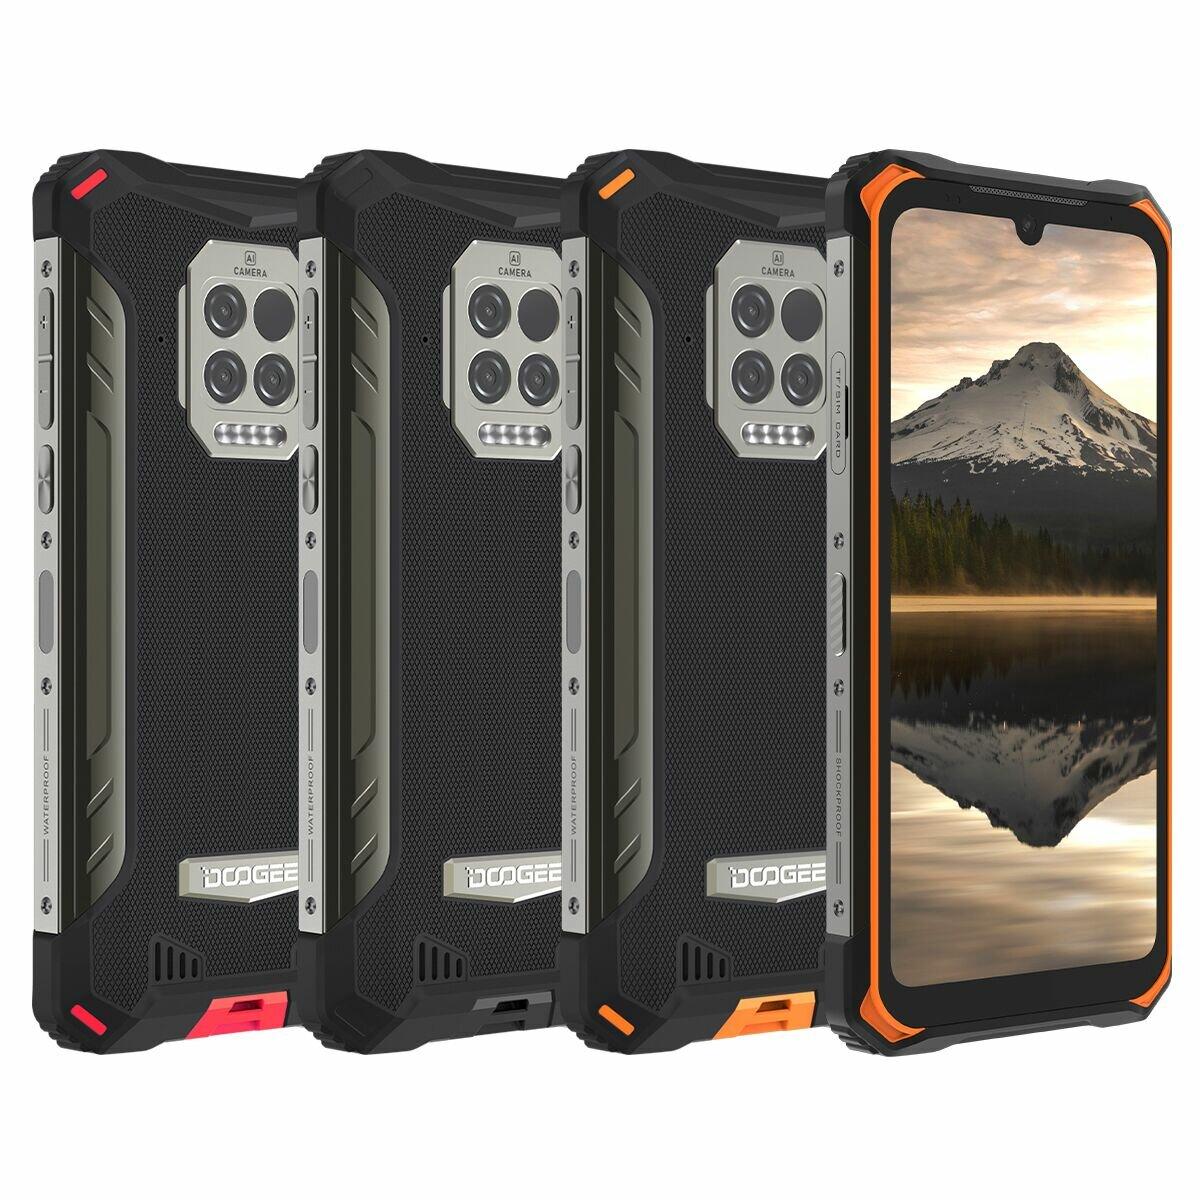 DOOGEE S86 Pro グローバルバンド 6.1 インチ IP68&IP69K 防水 NFC 8500mAh 8GB 128GB Helio P60 16MP AI トリプルカメラ 4G オクタコアスマートフォン